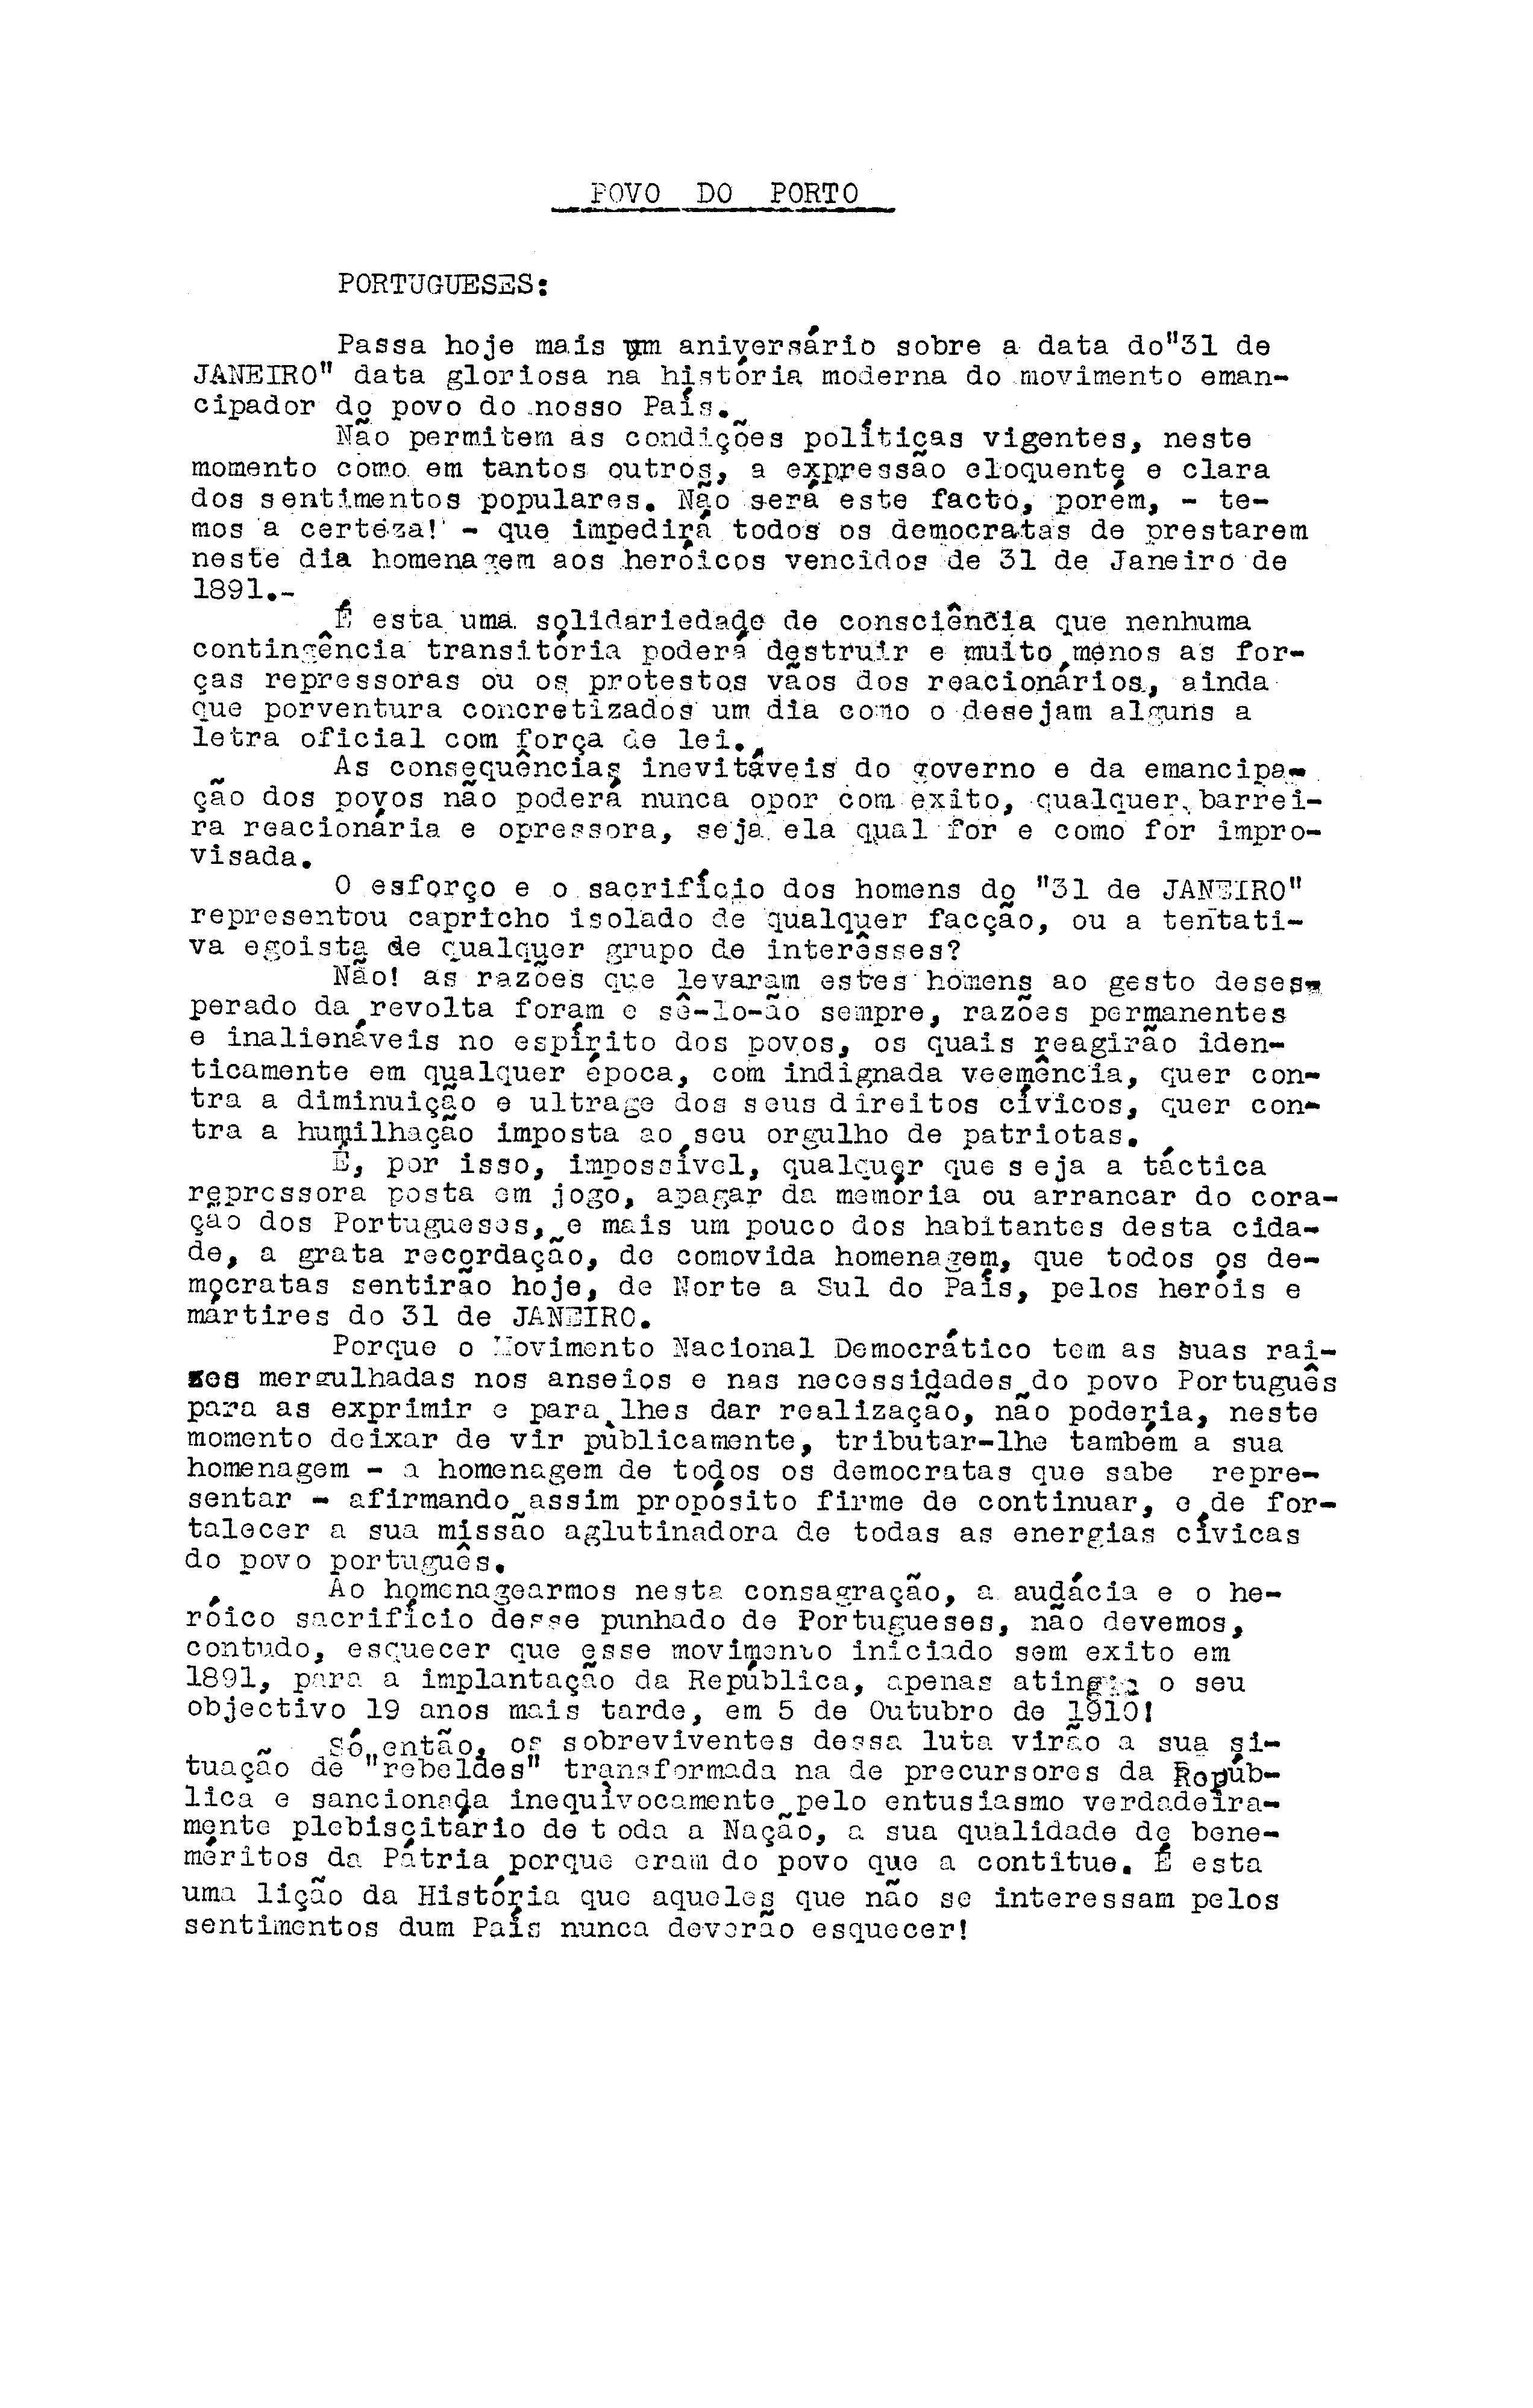 02969.051.009- pag.1